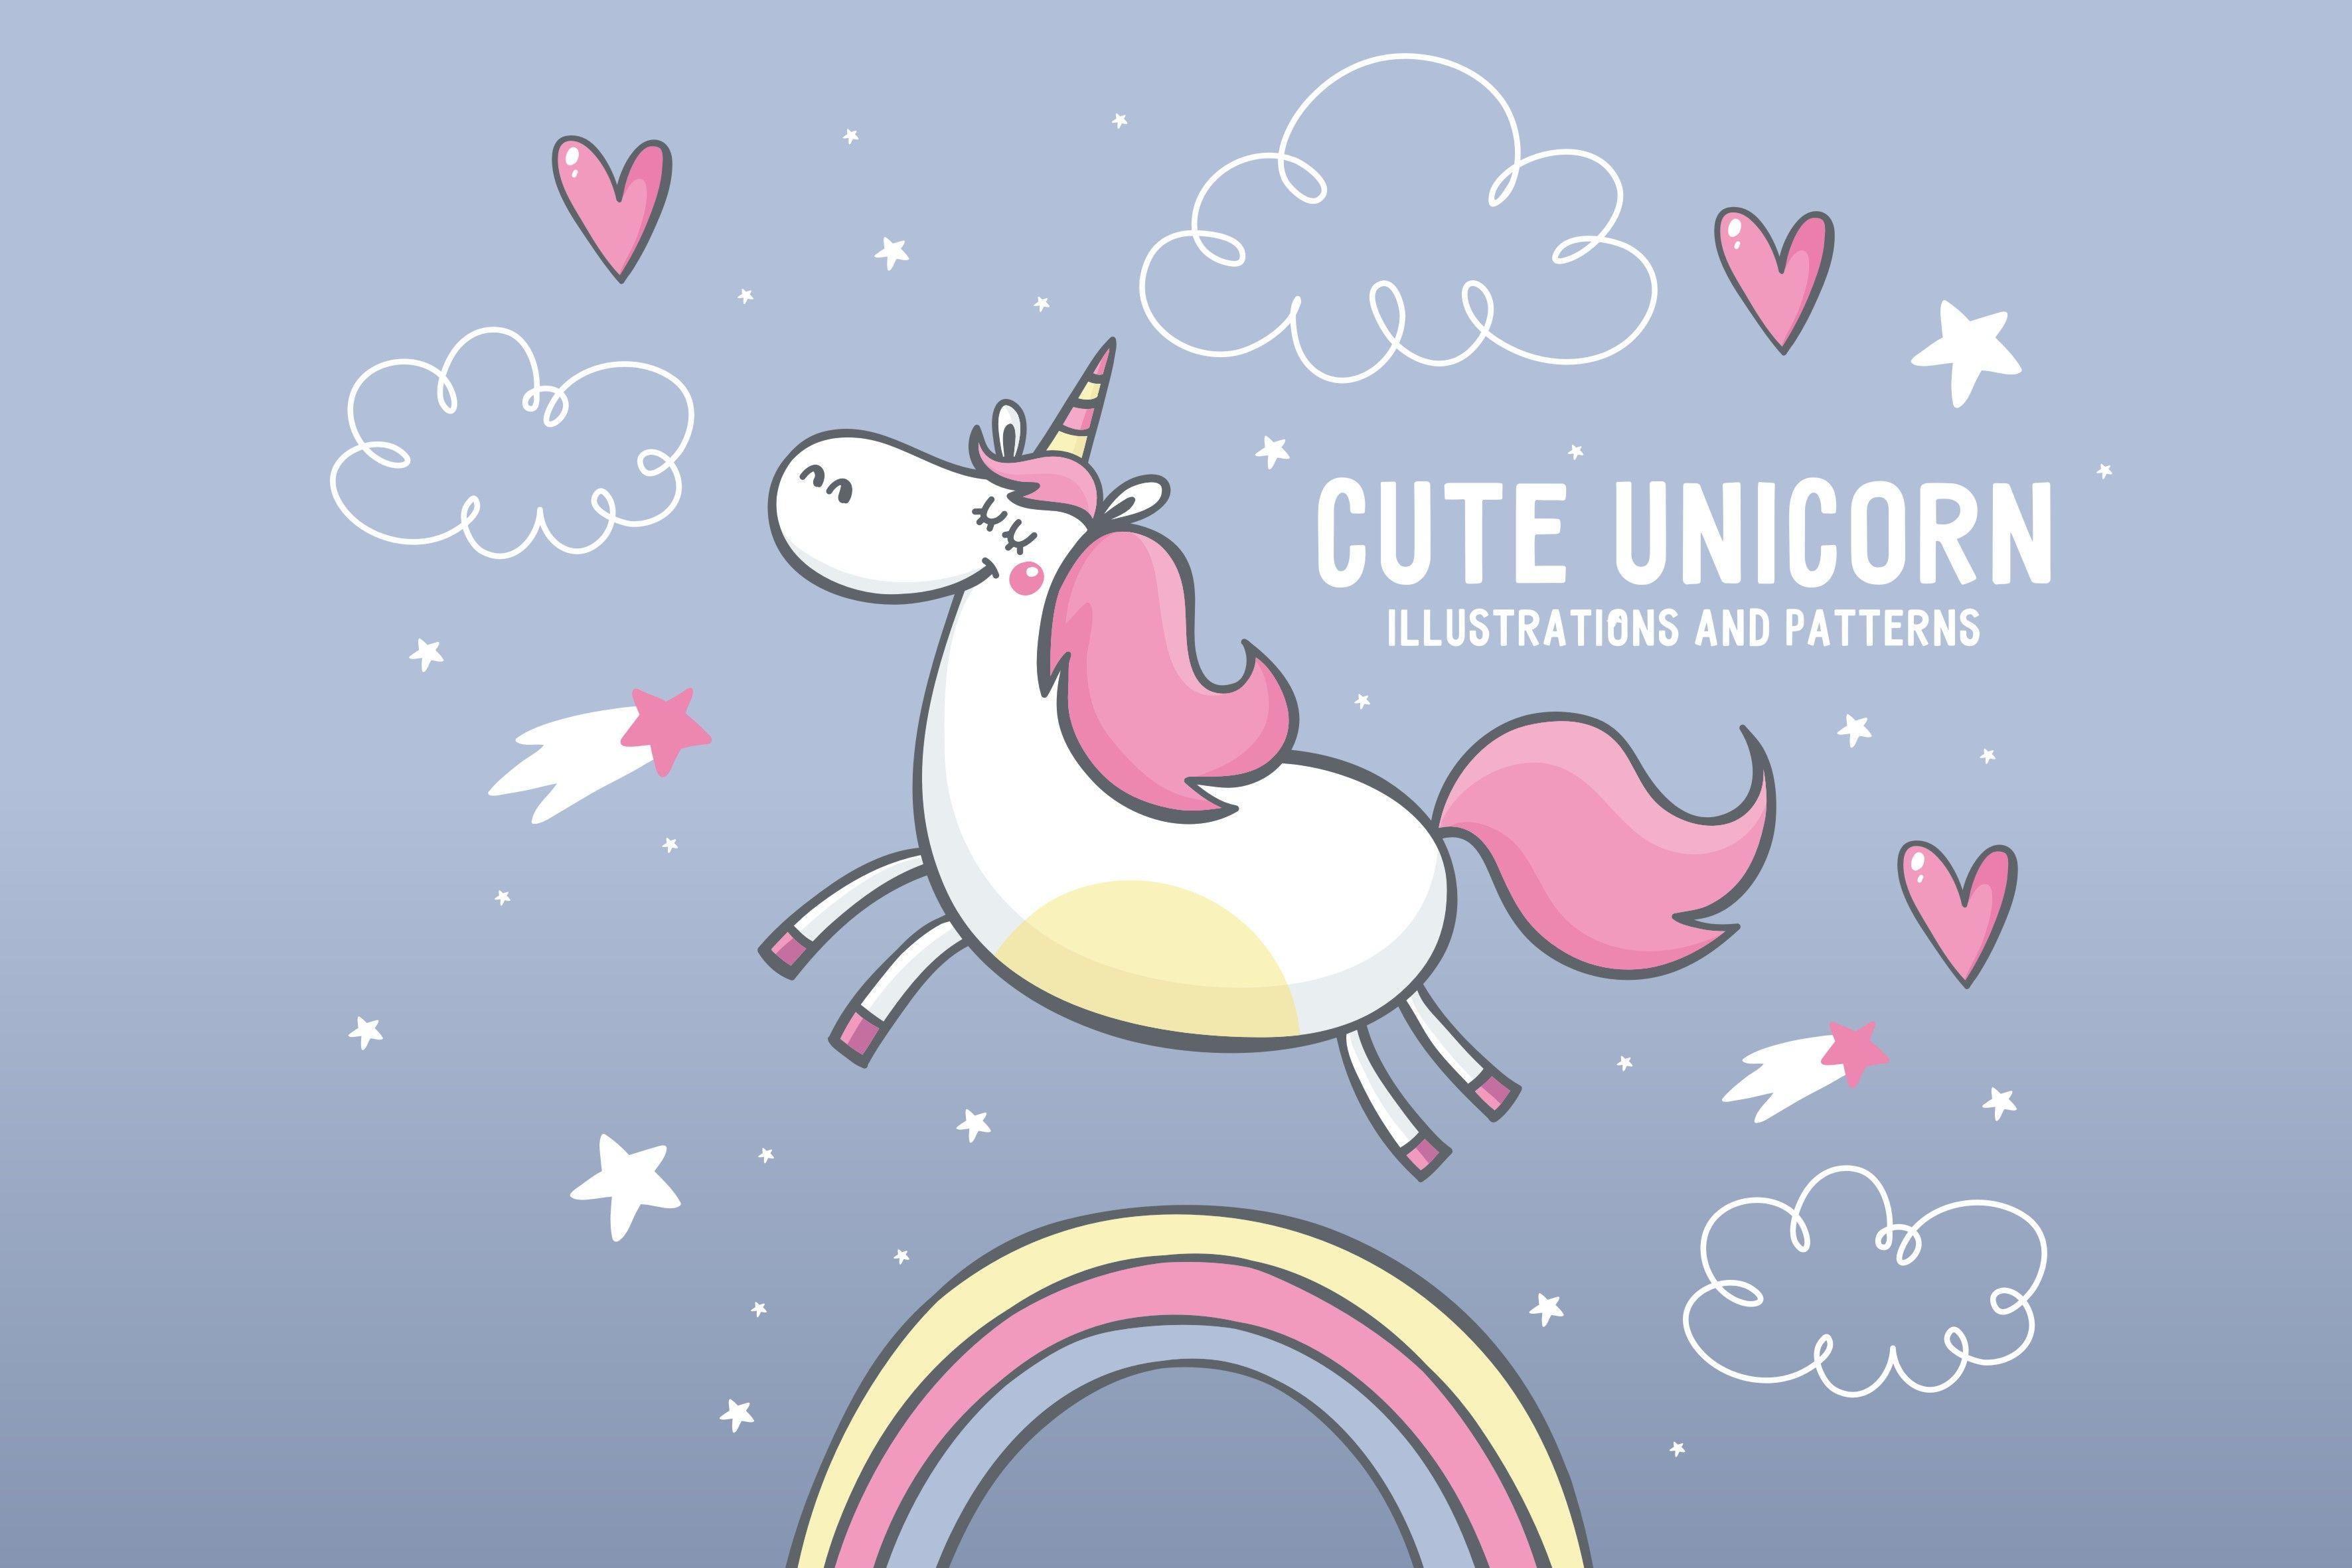 cute unicorn illustrations, pattern by Barkova Nadya on